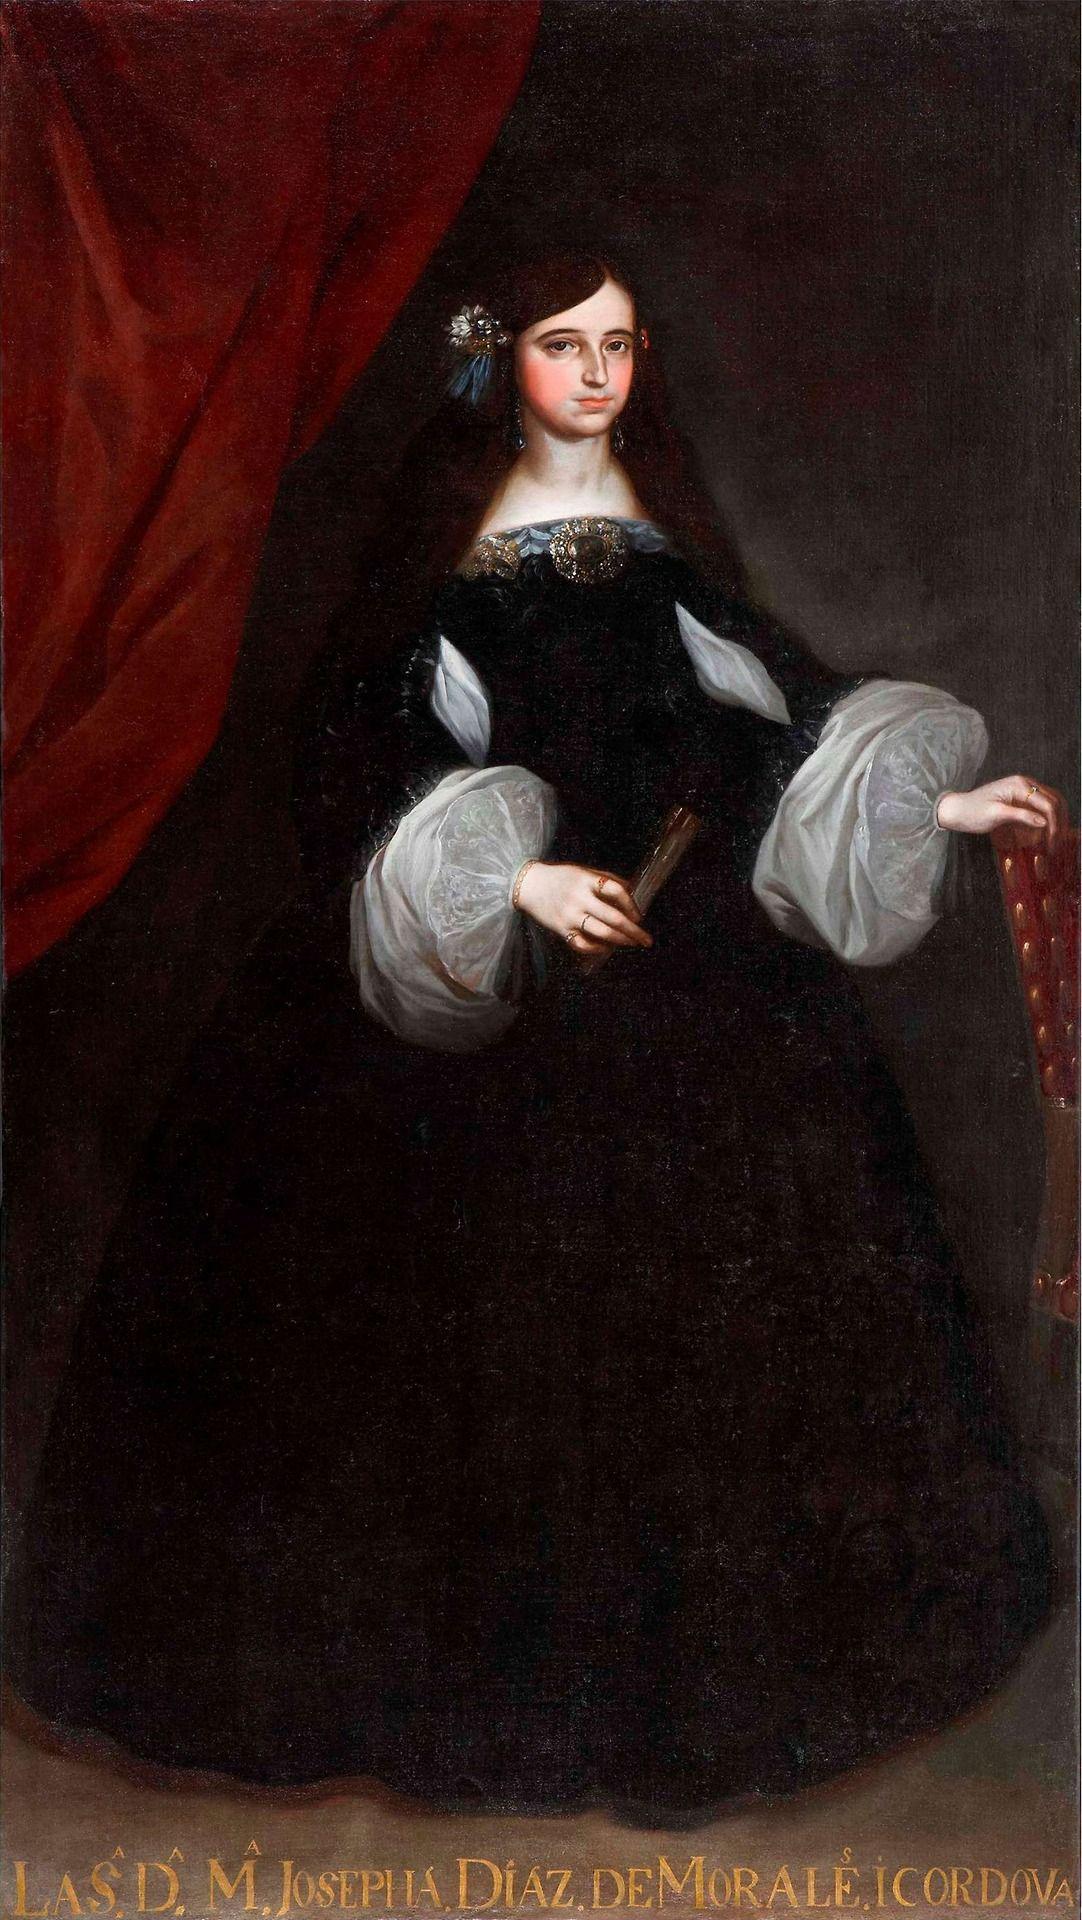 1660s Portrait Of Maria Josefa Diaz De Morales Y Cordoba By Juan De